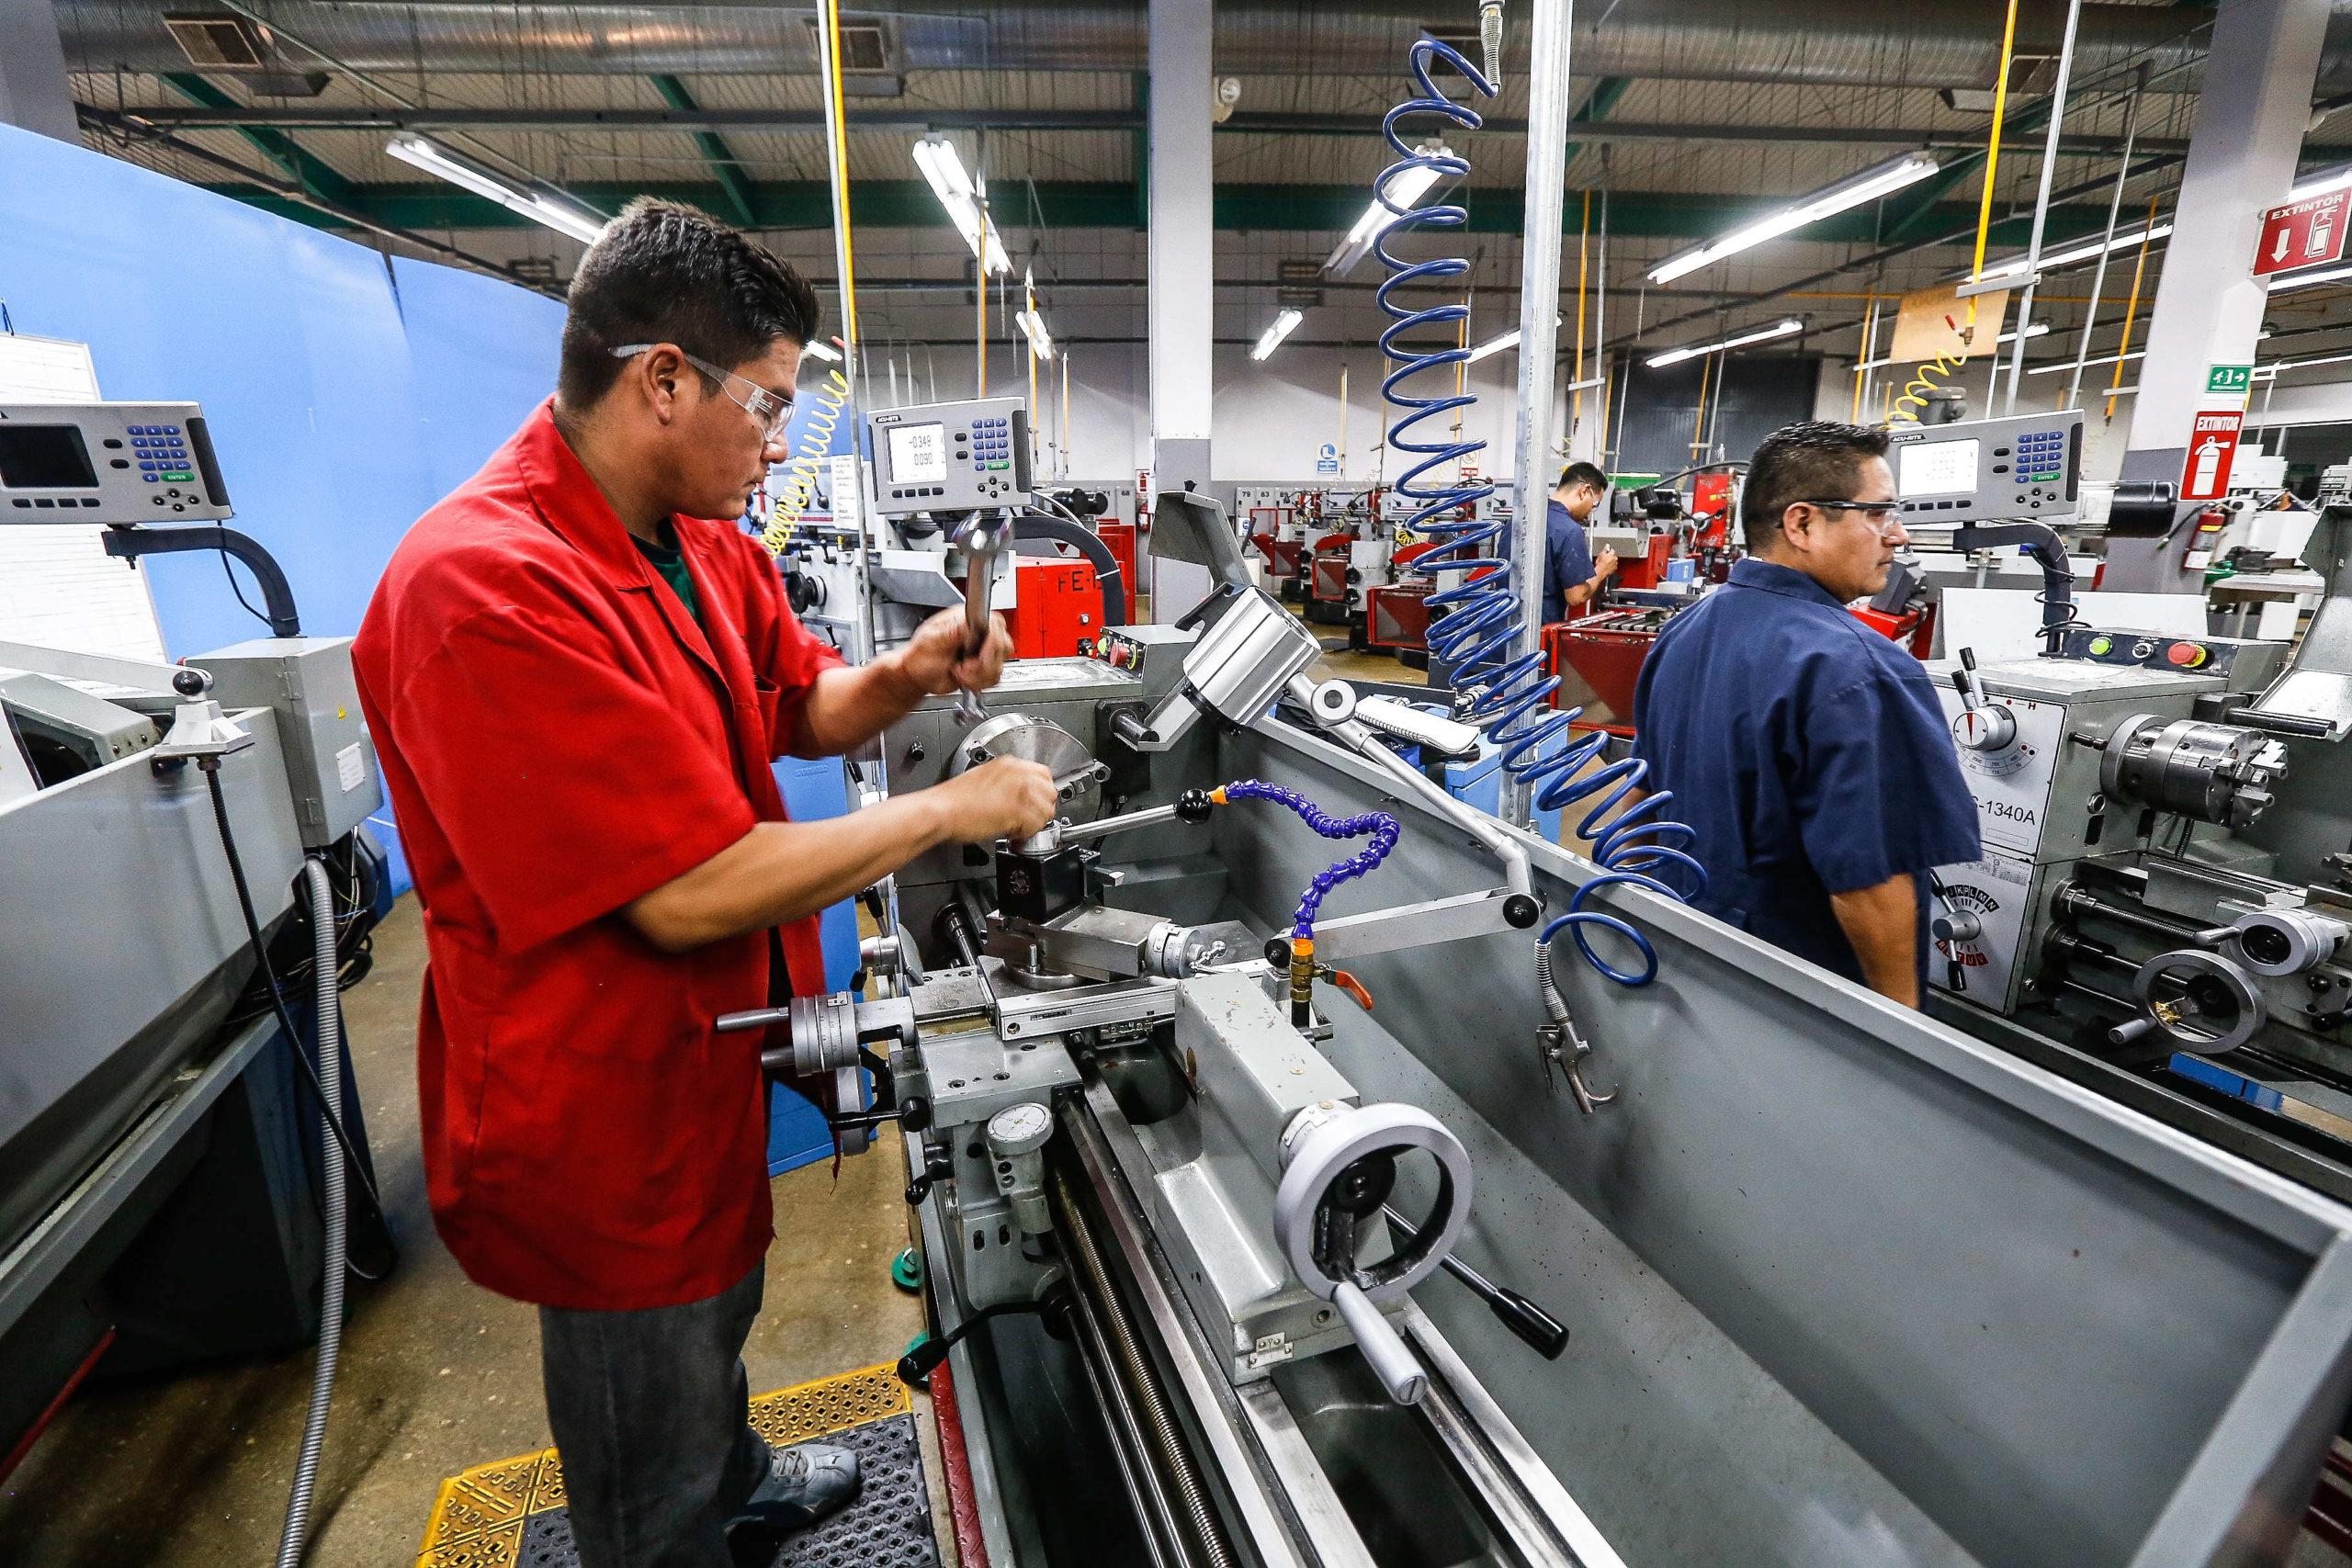 Sugiere IMSS modificar jornada de trabajo para 'sano retorno' a labores